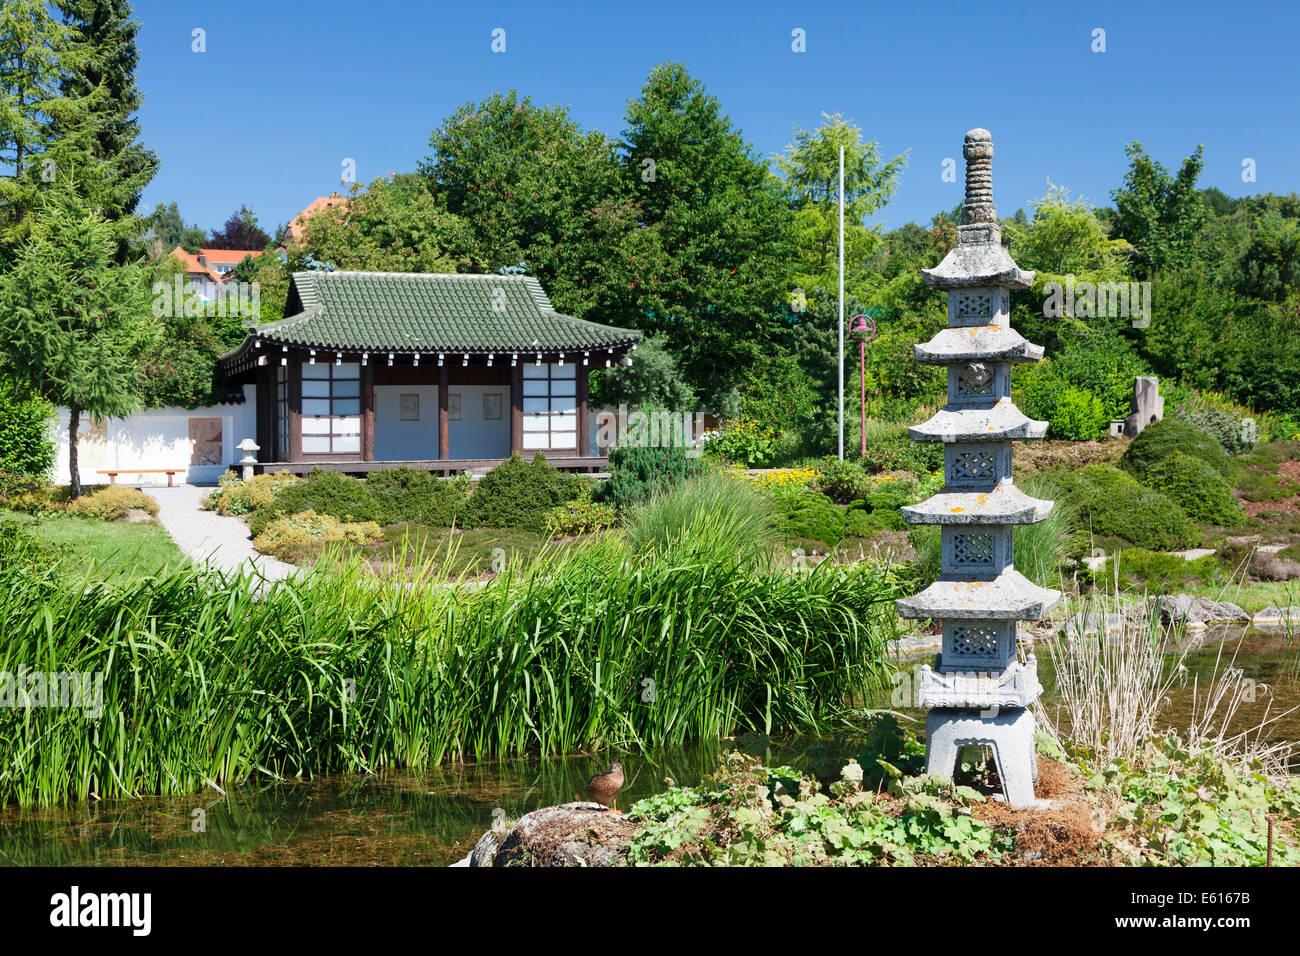 traditionelle teehaus und pagode in den japanischen garten bonndorf schwarzwald baden. Black Bedroom Furniture Sets. Home Design Ideas